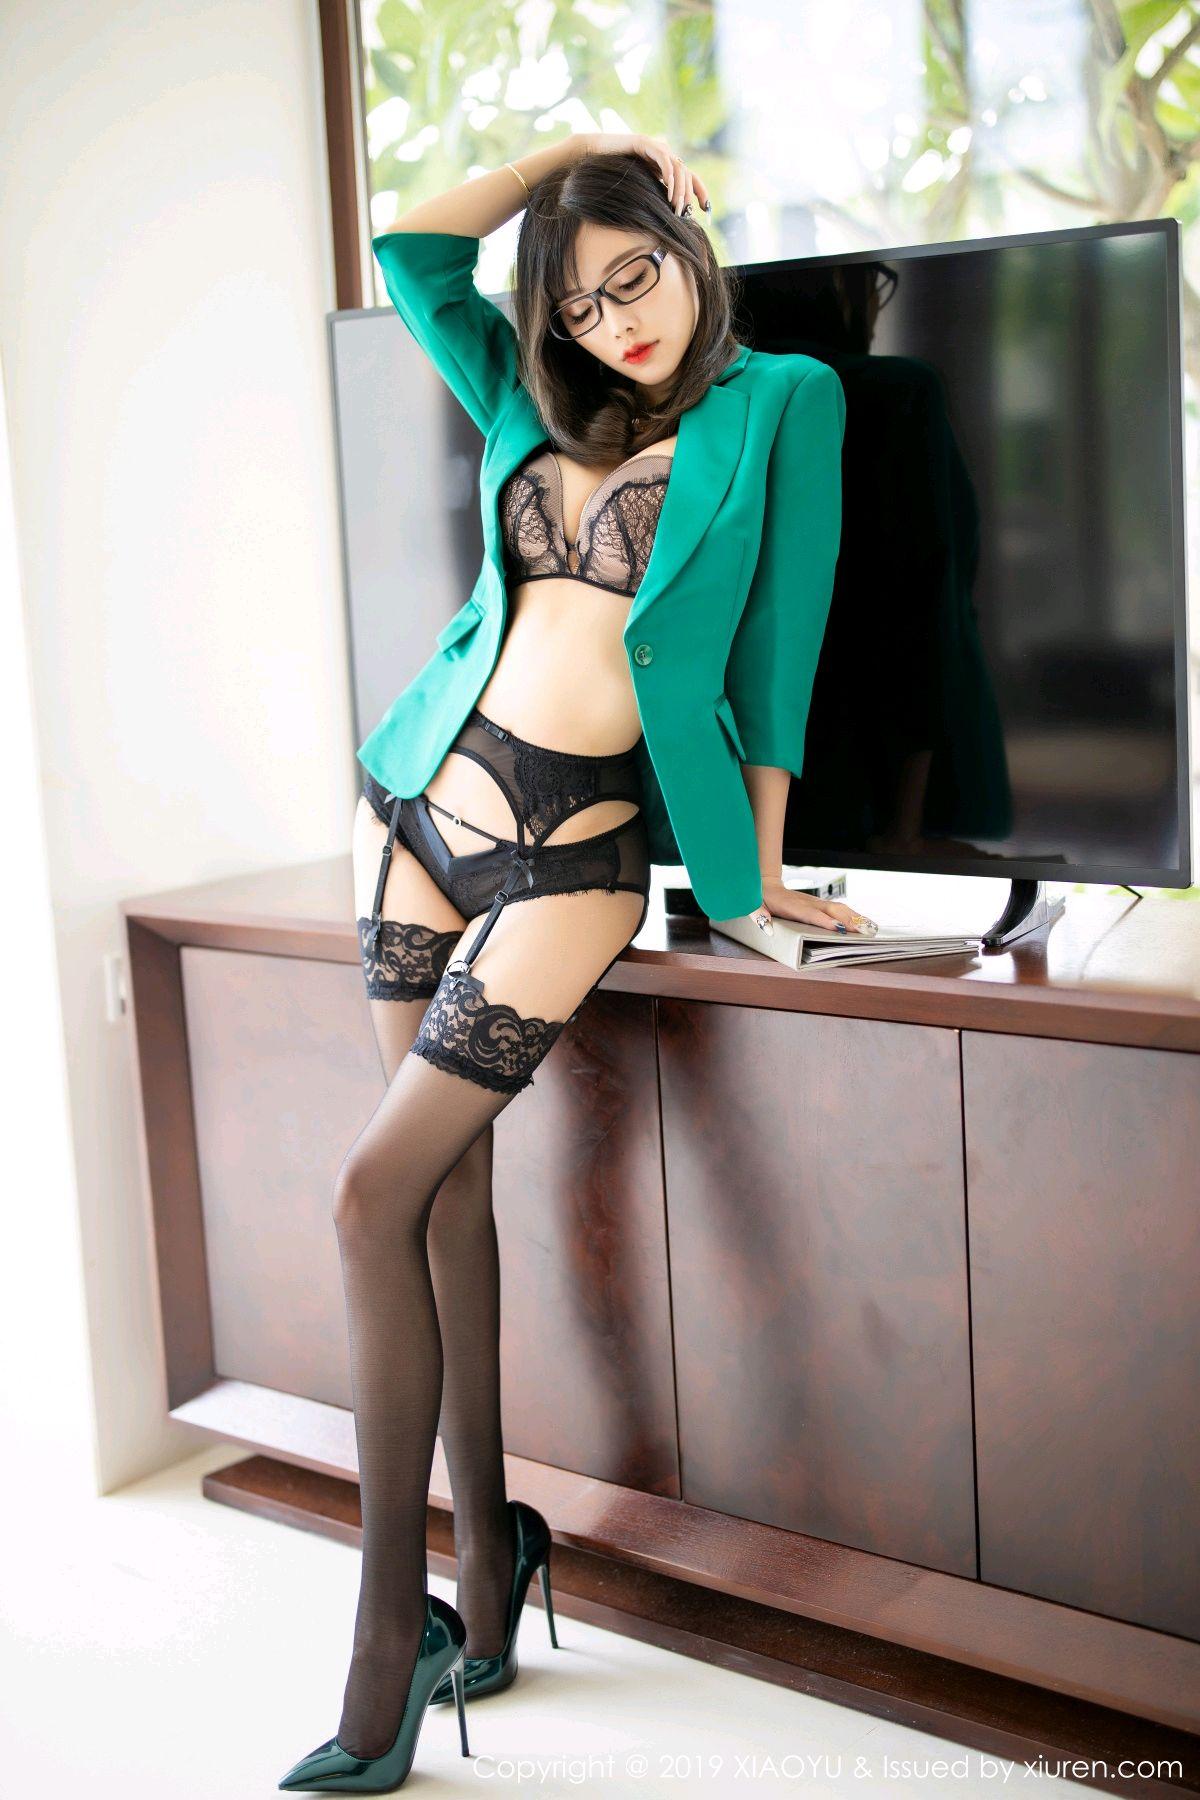 [XiaoYu] Vol.164 Yang Chen Chen 33P, Black Silk, Tall, XiaoYu, Yang Chen Chen